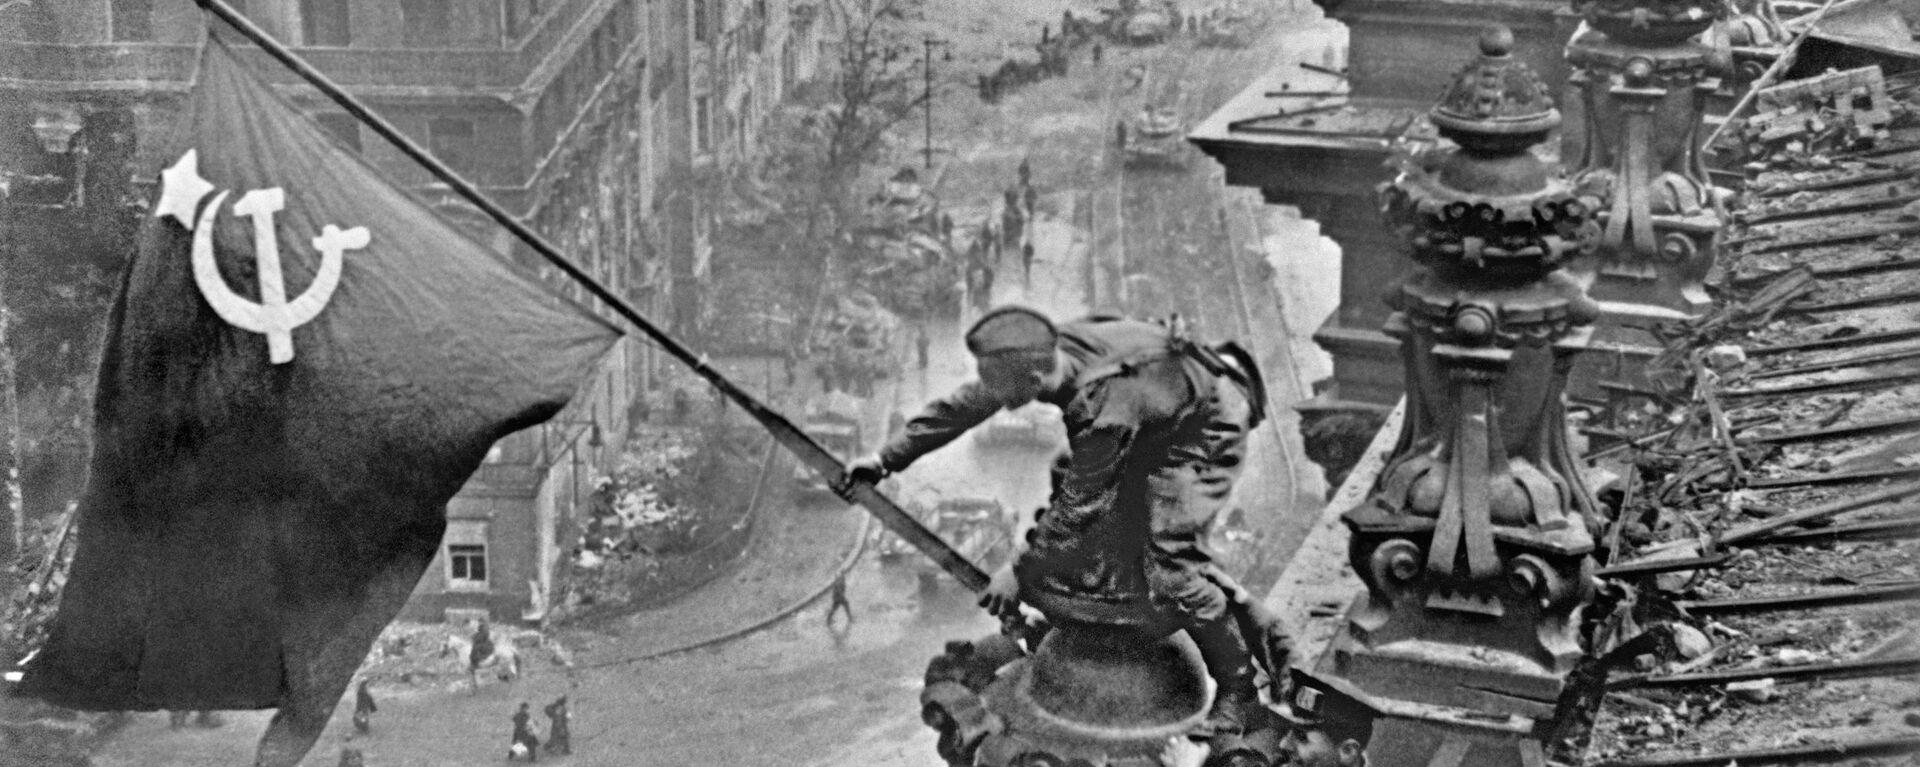 Знамя Победы над Берлином, 1945 год - Sputnik Латвия, 1920, 22.06.2021